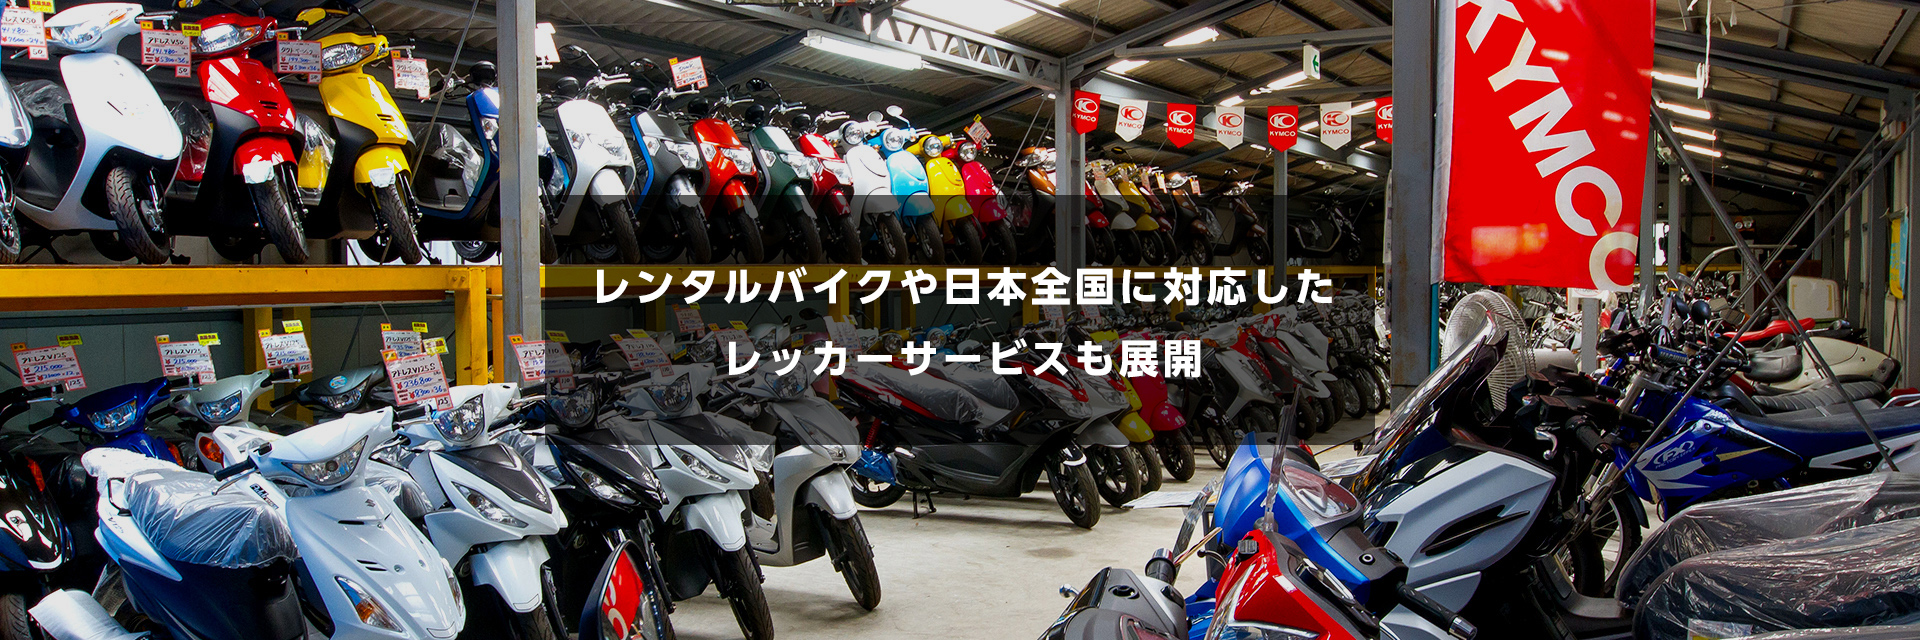 レンタルバイクや日本全国に対応したレッカーサービスも展開